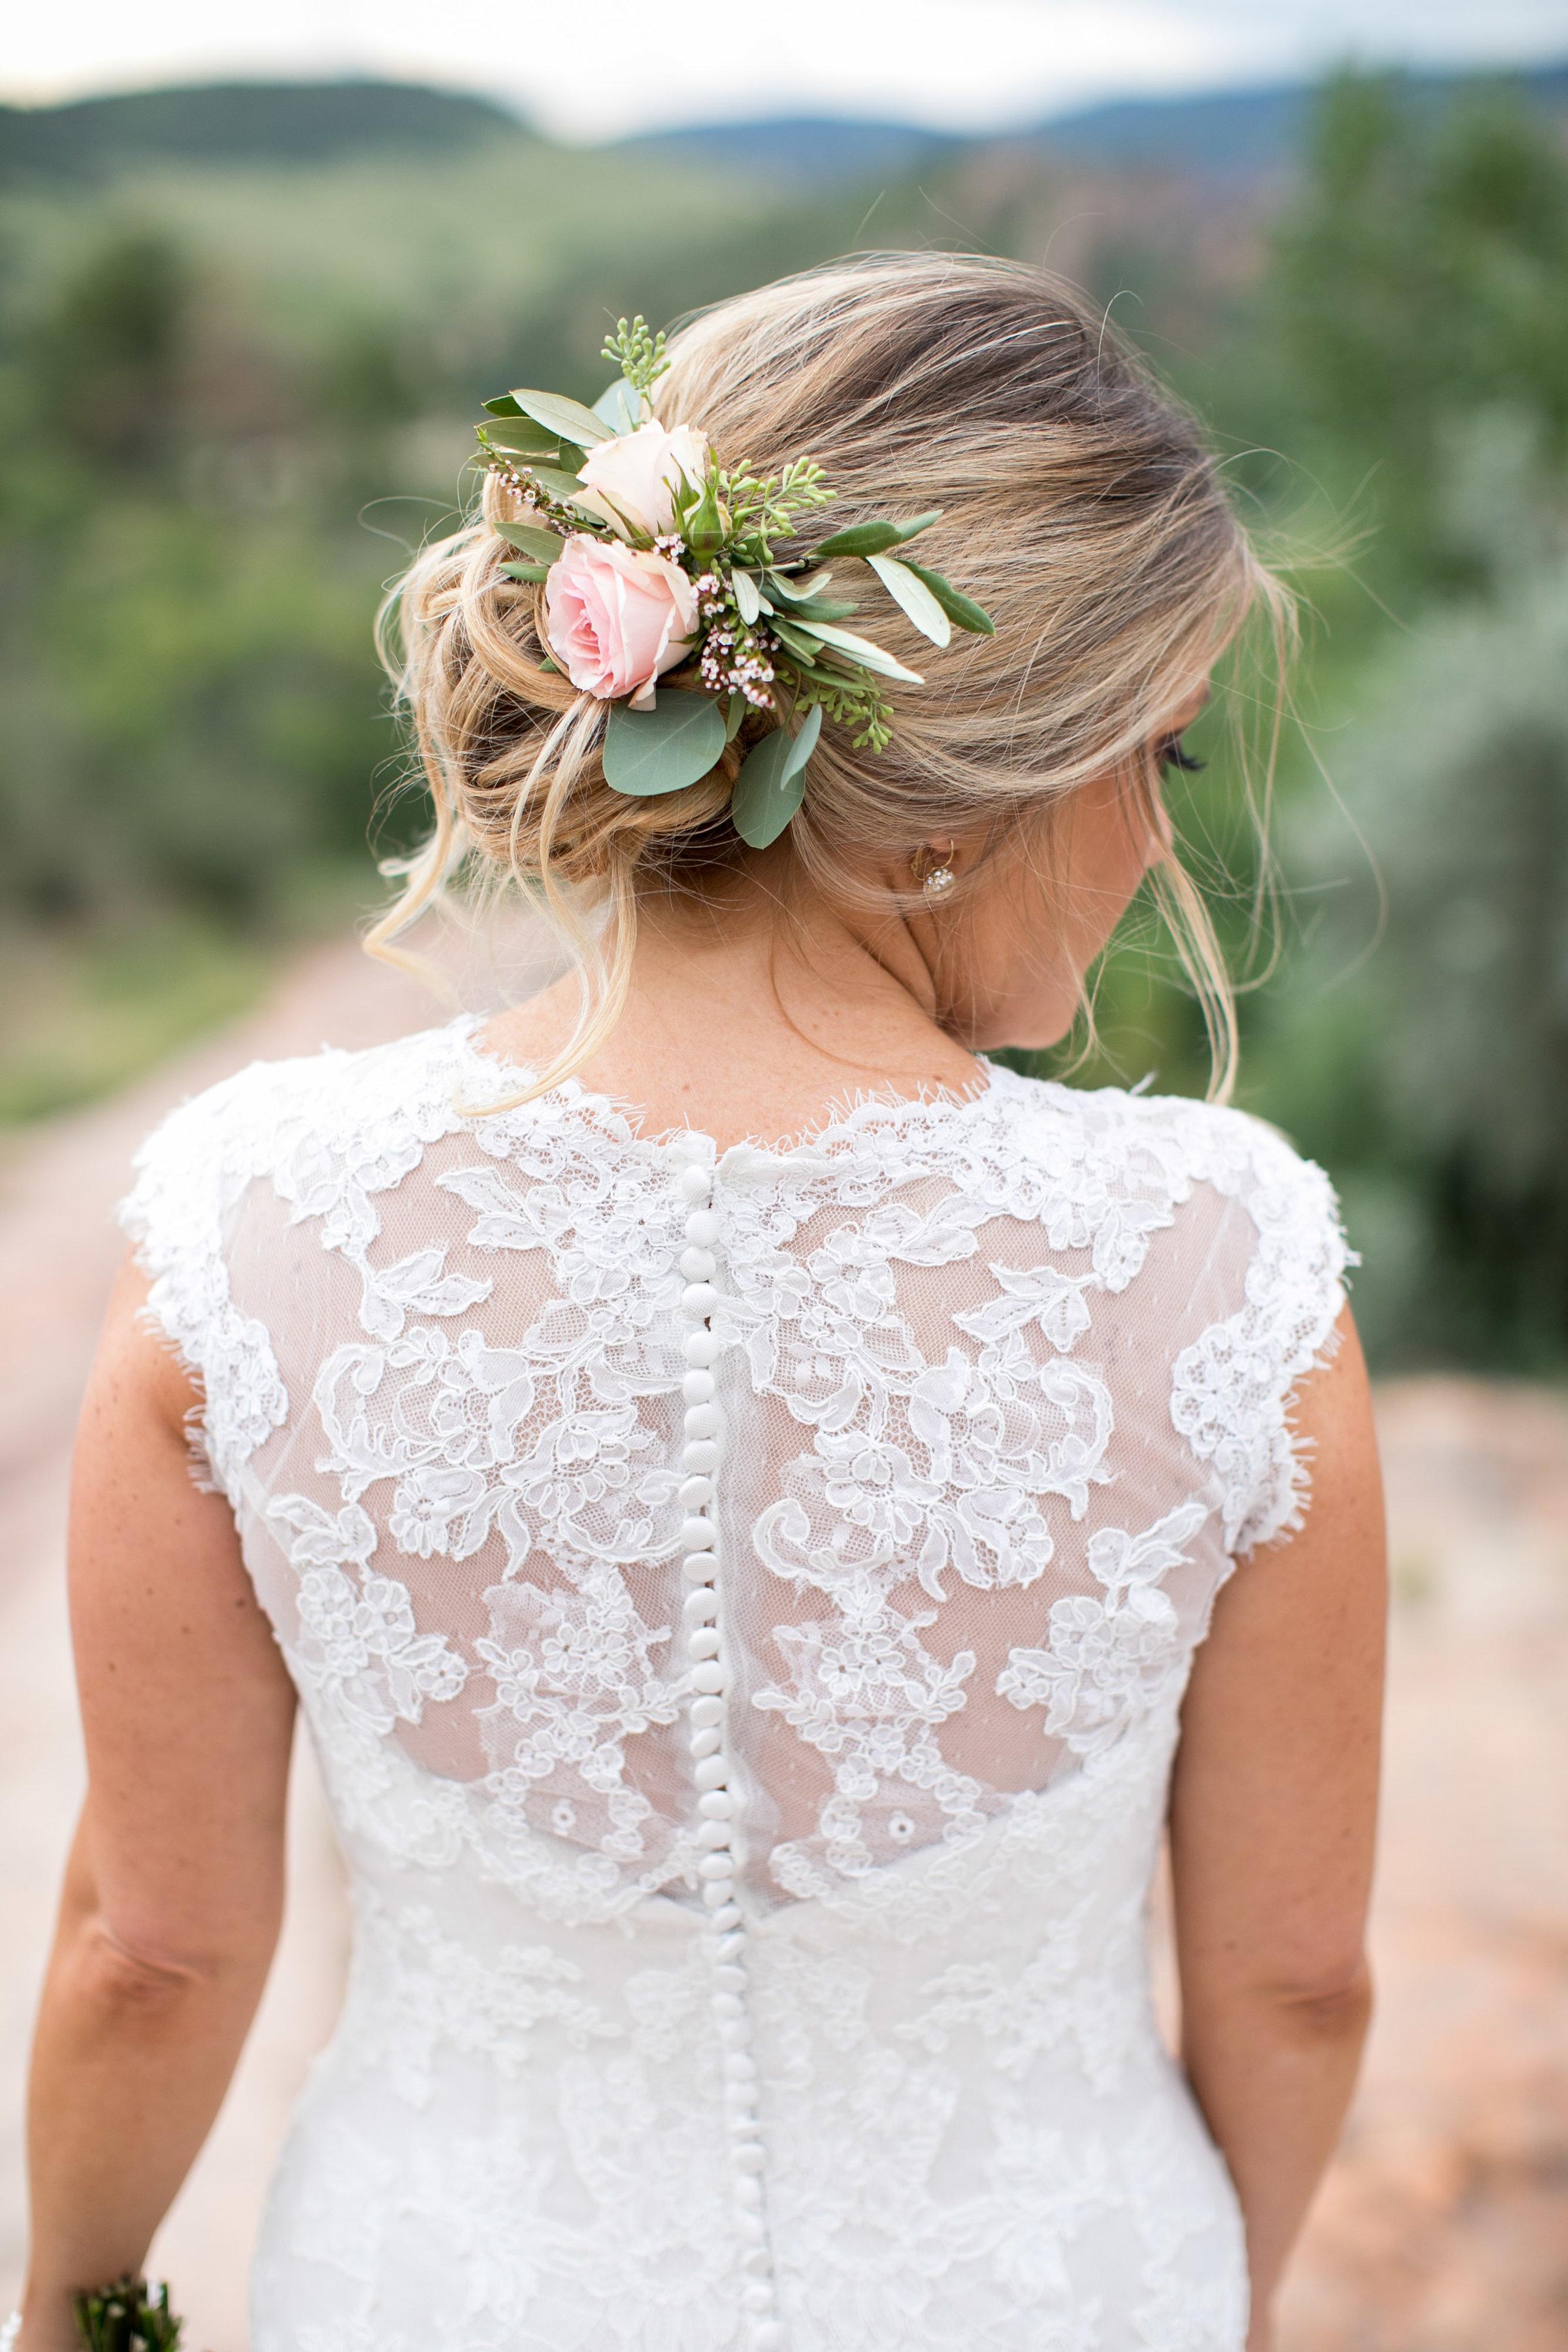 Denver-wedding-hairstylist-updo-artist-hair-bride